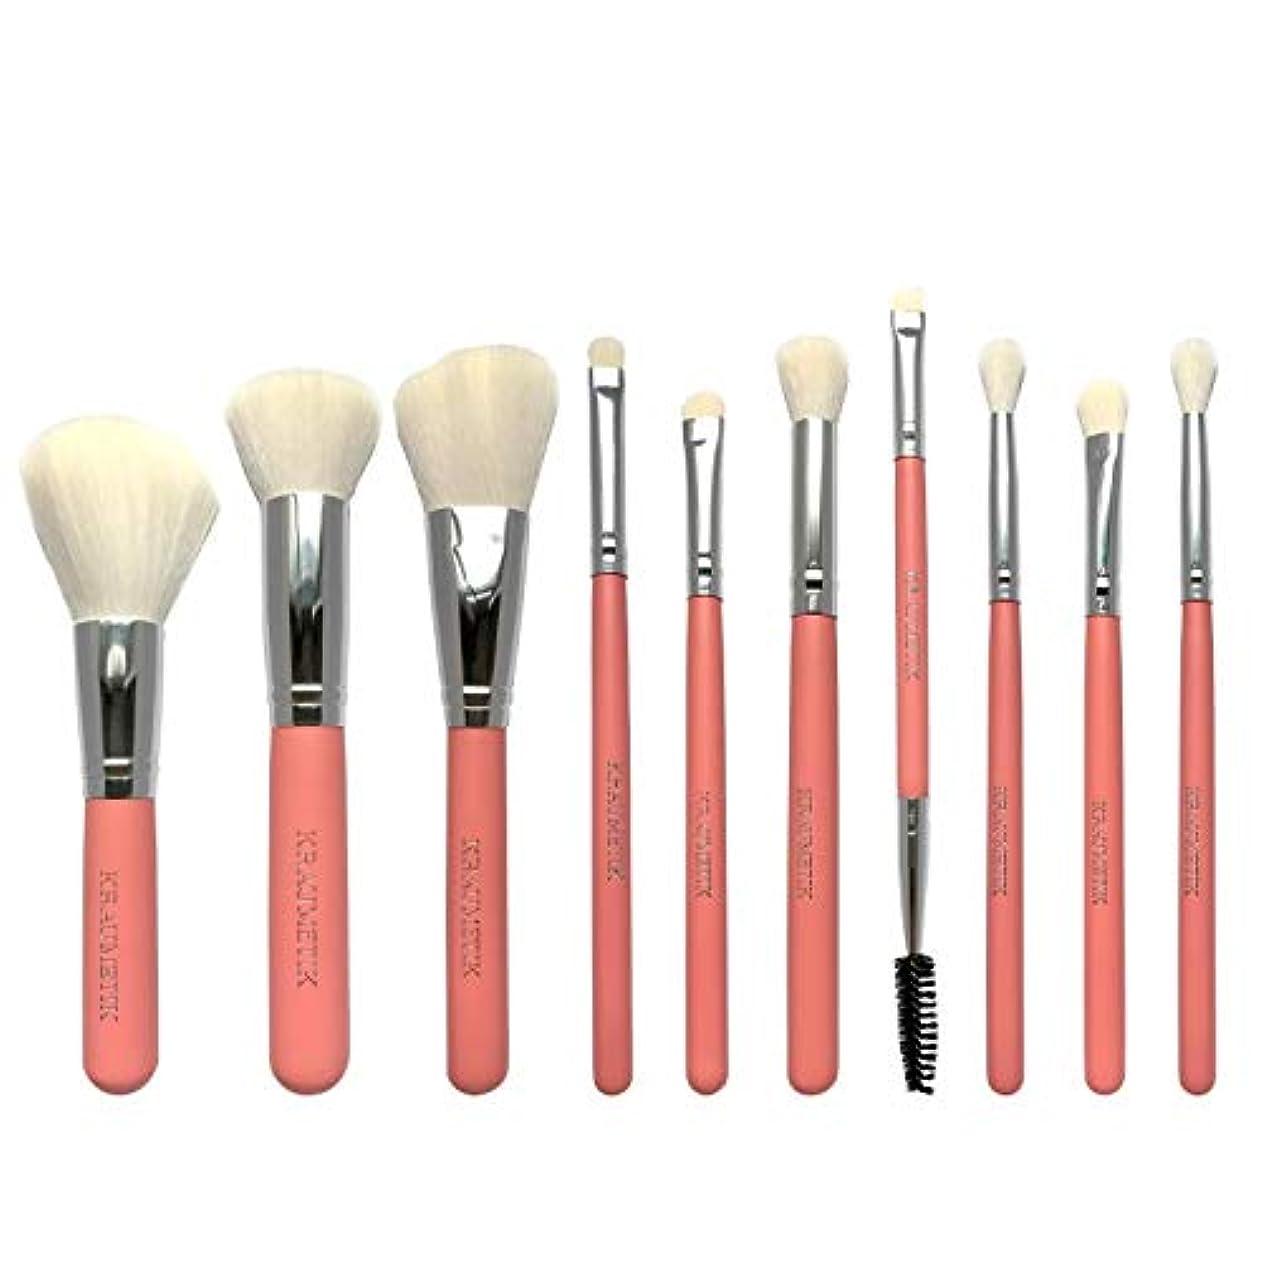 モック精算創始者KRAUMETIK 11ピース化粧ブラシセット、赤面コンシーラーアイアドバンスト合成ブラシ化粧品化粧セット …